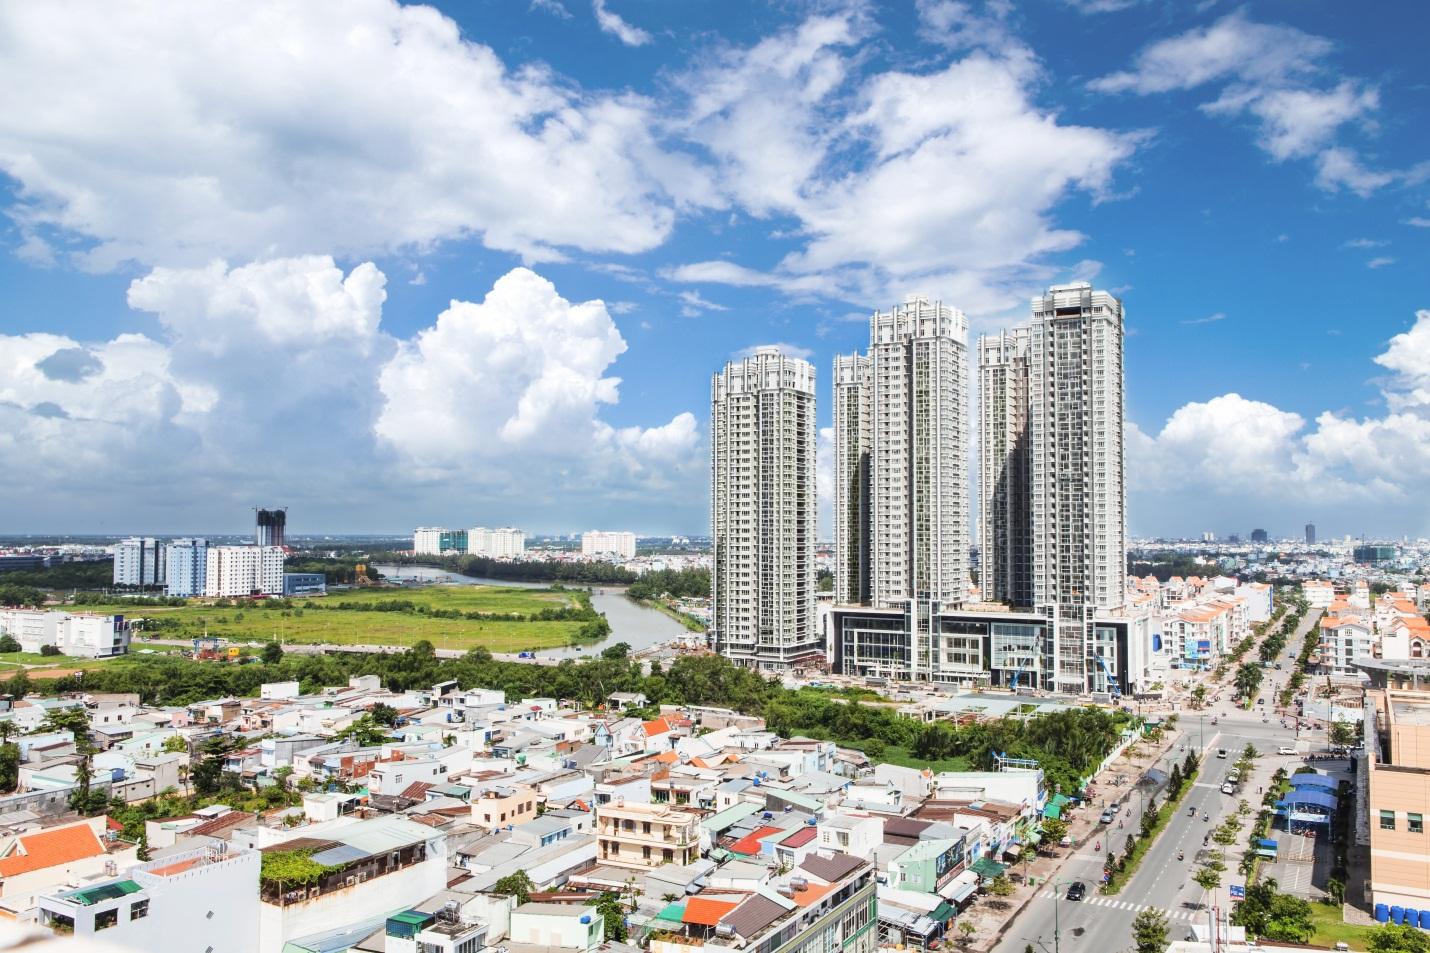 Chuyên gia nhận định về tình hình đầu tư bất động sản nước ngoài ở thị trường Việt Nam